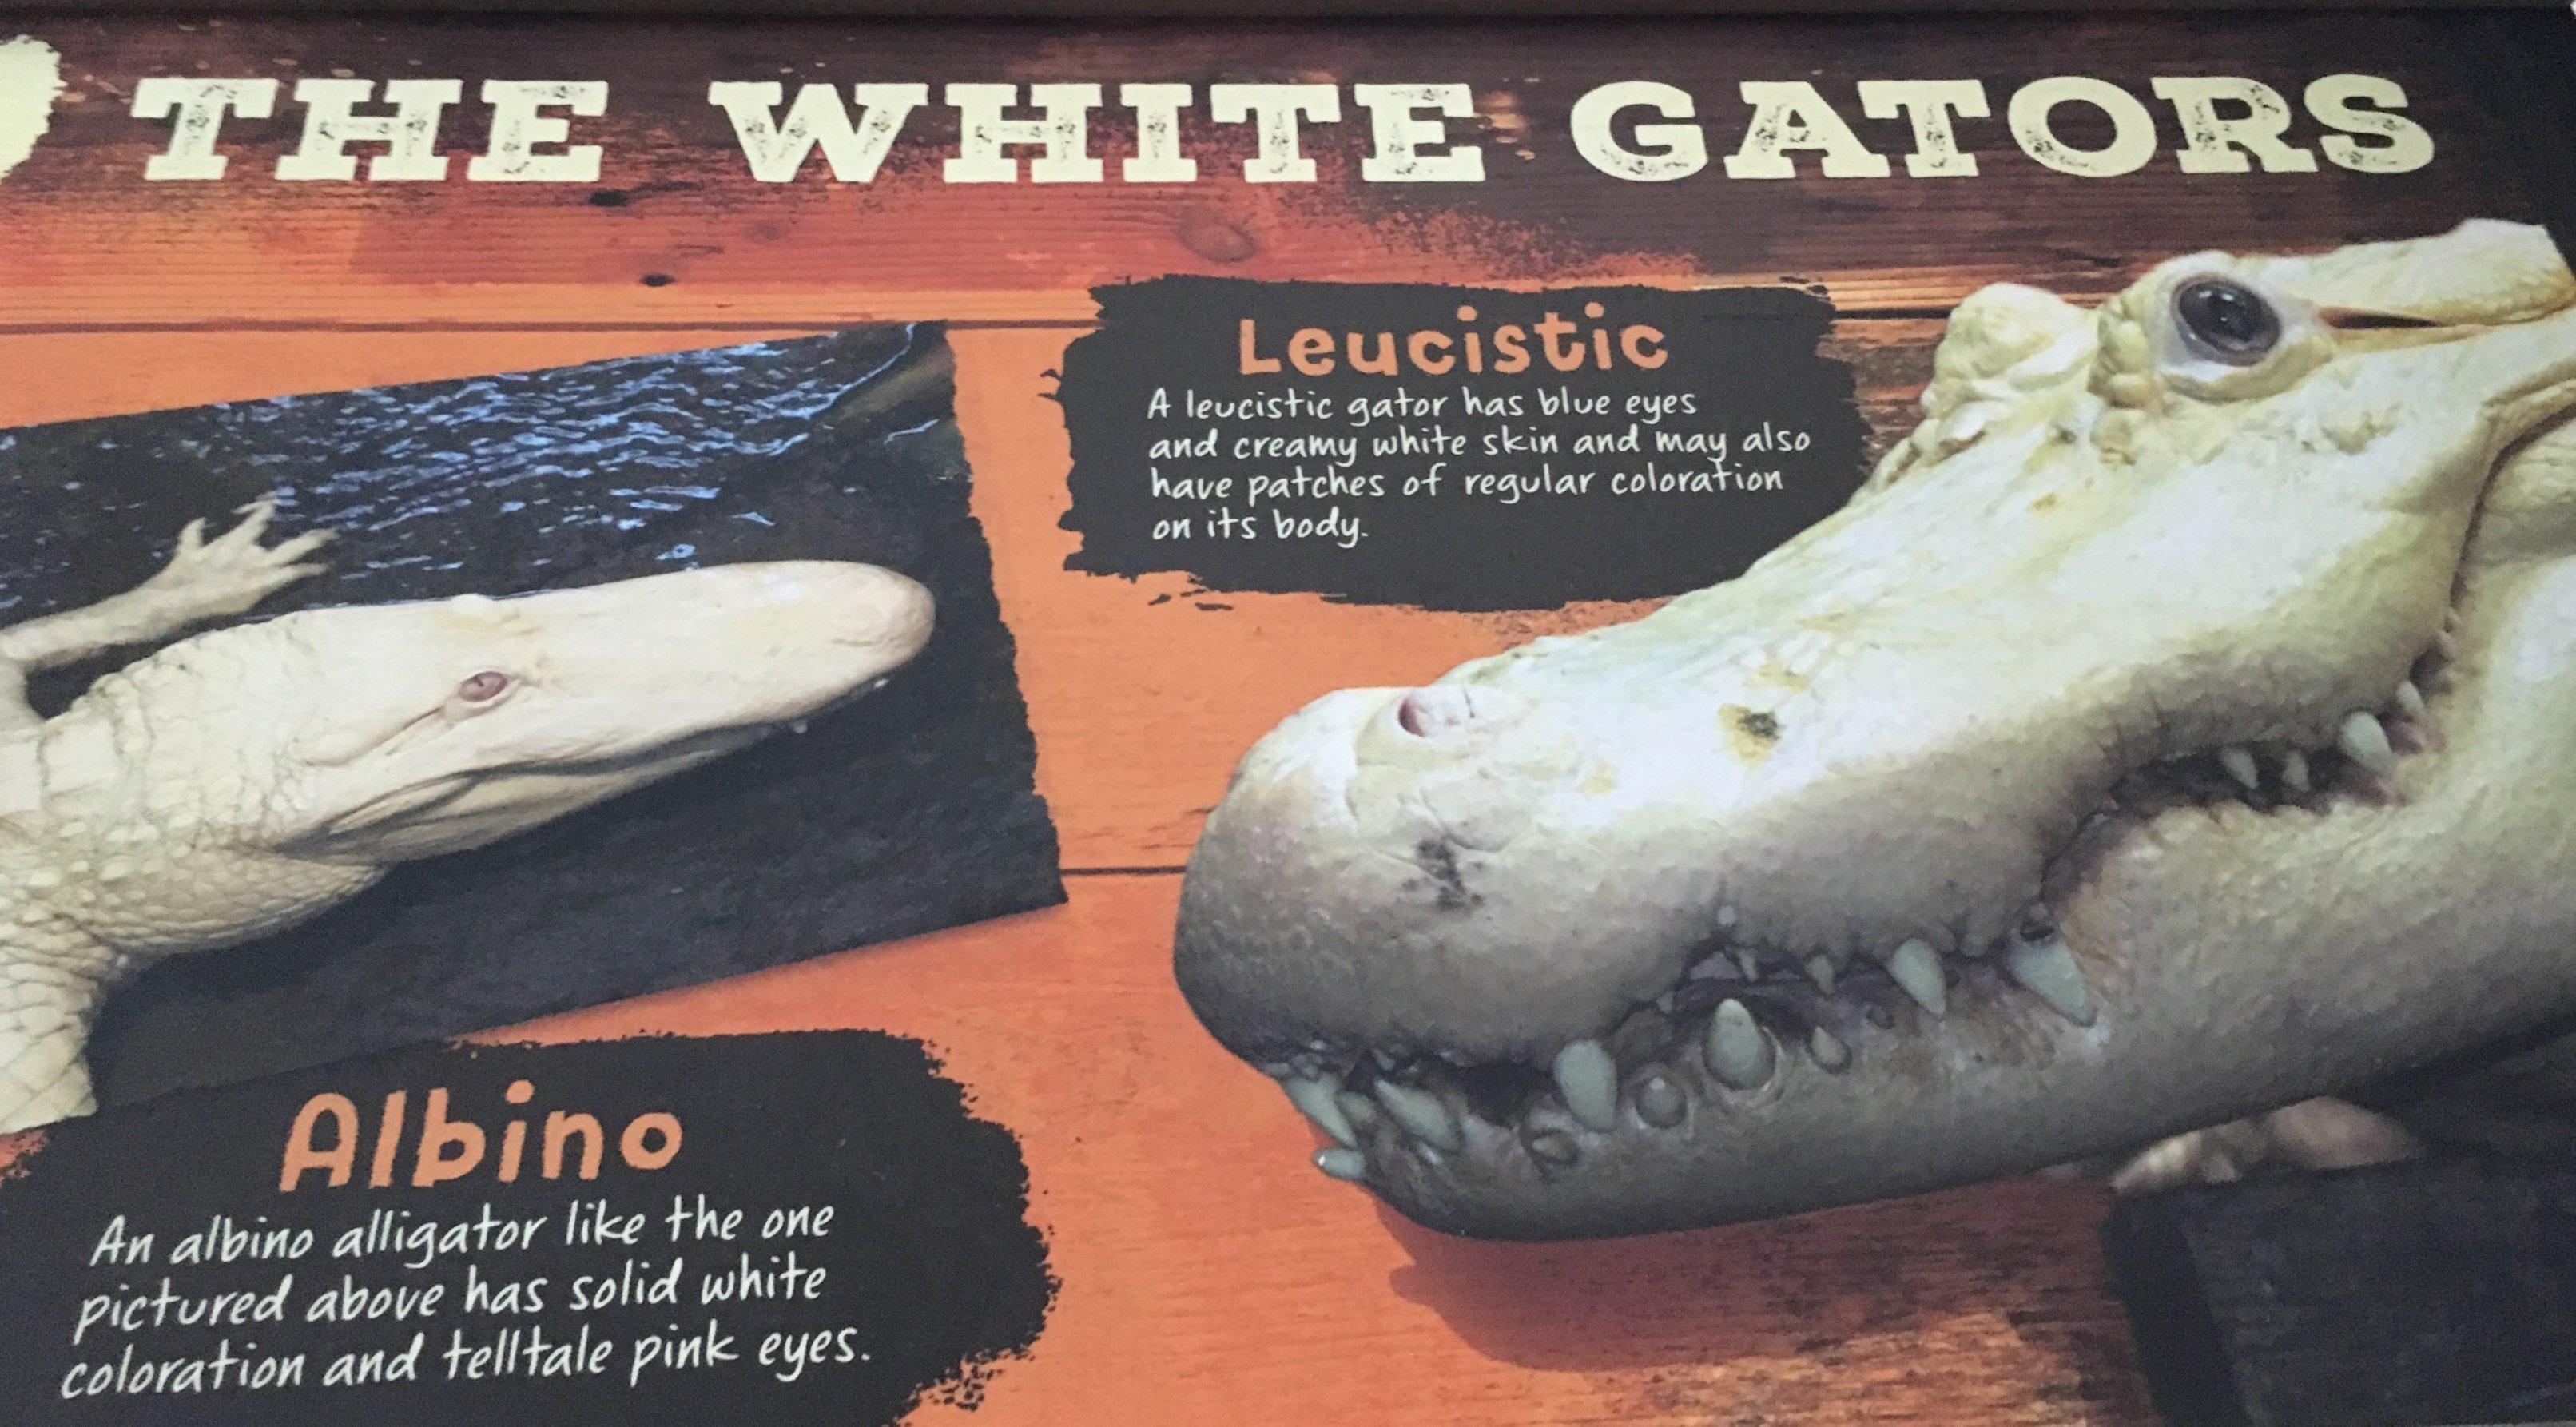 Der Albino ist reinweiß mit roten Augen, der leuzistische Alligator ist scheckig mit blauen Augen